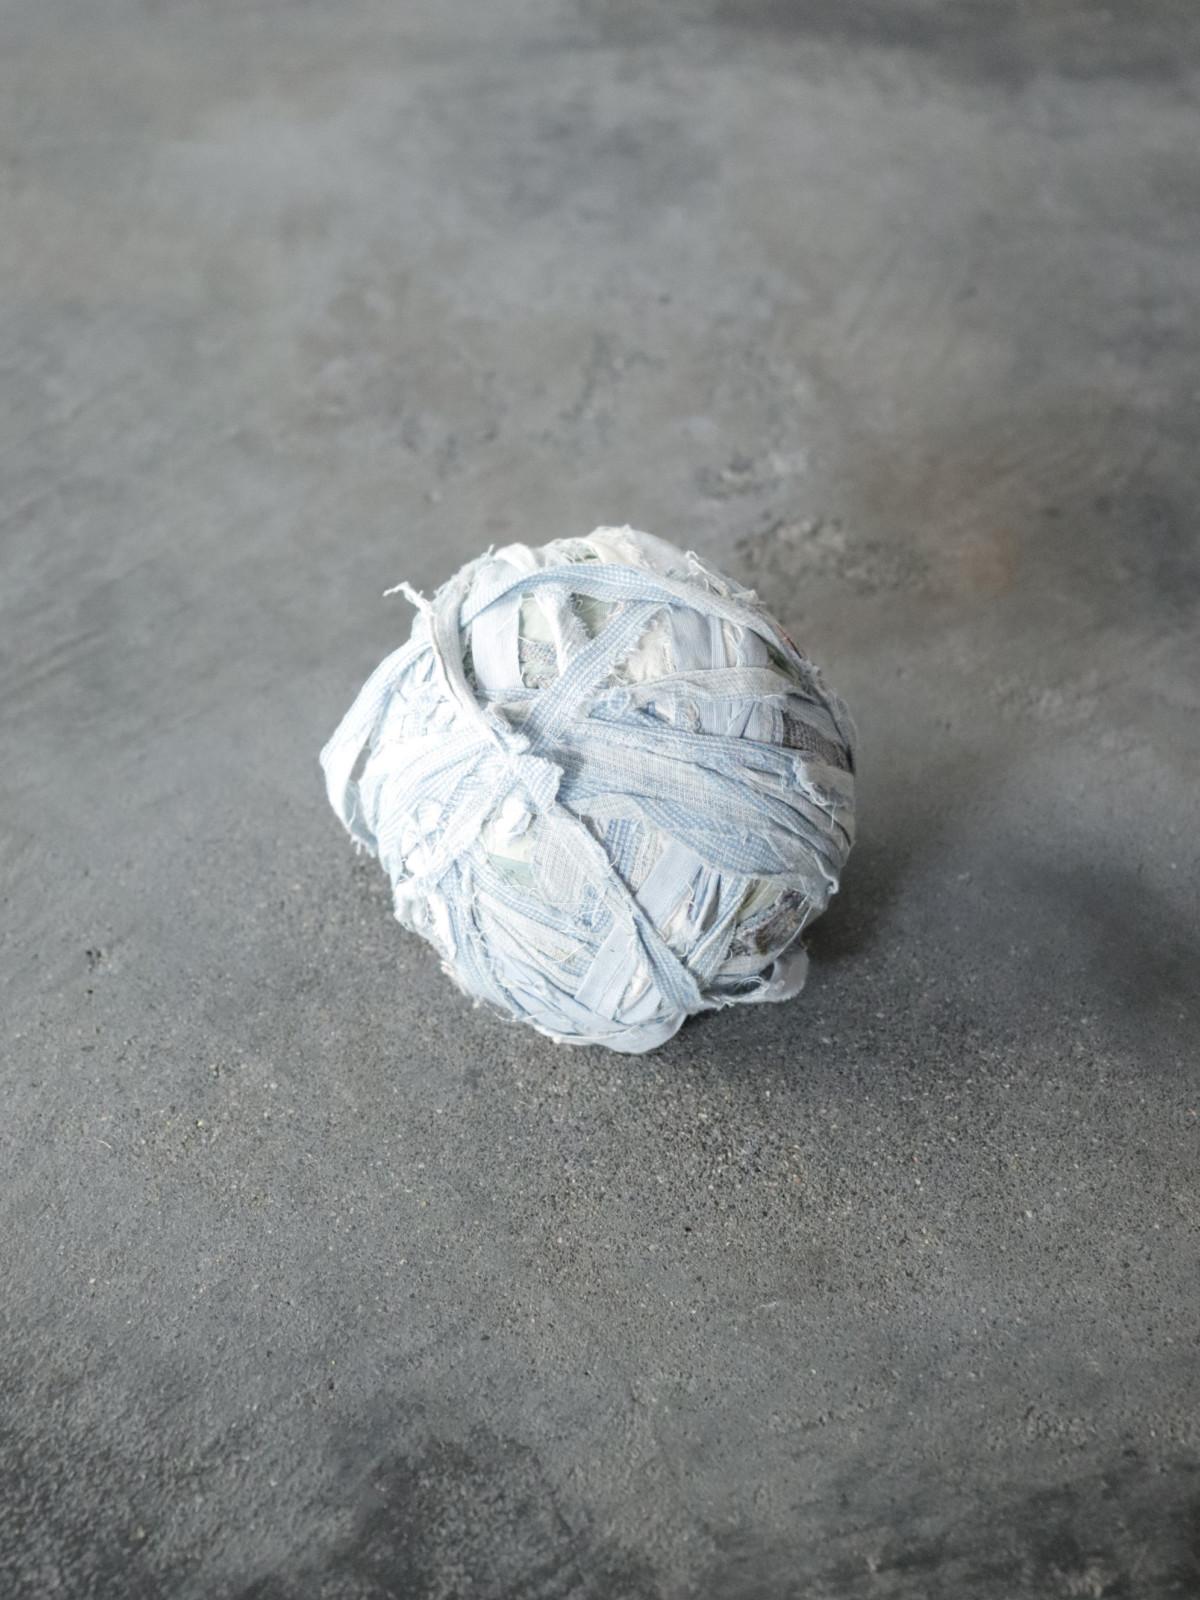 Antique,ragrug,rug ball,usa